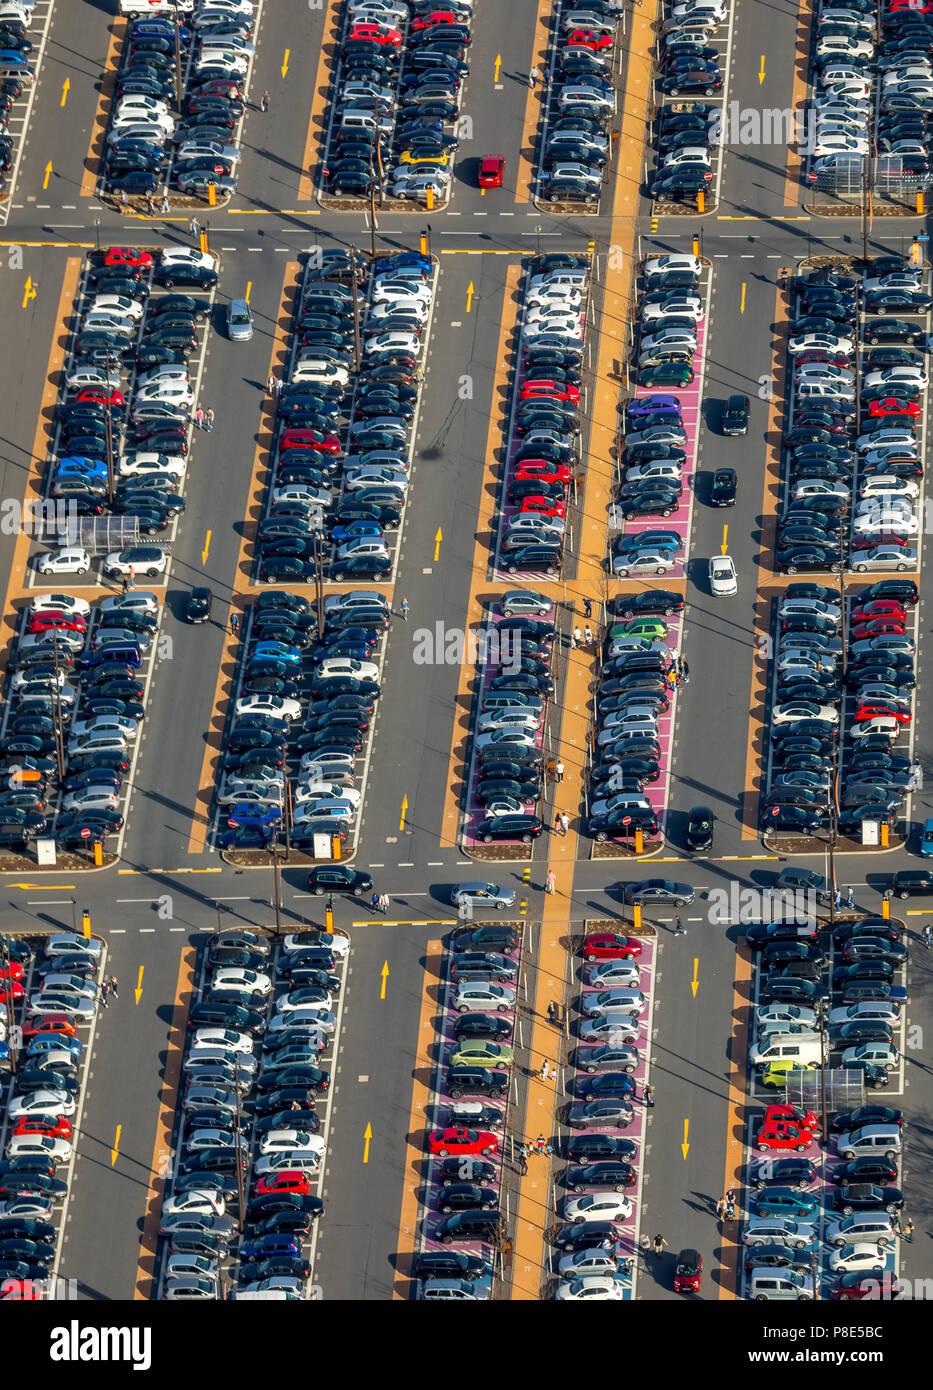 Vue aérienne, parking plein avec le marquage routier, Centre Commercial, Parc de la Ruhr, Bochum, Ruhr, Rhénanie du Nord-Westphalie, Allemagne Photo Stock